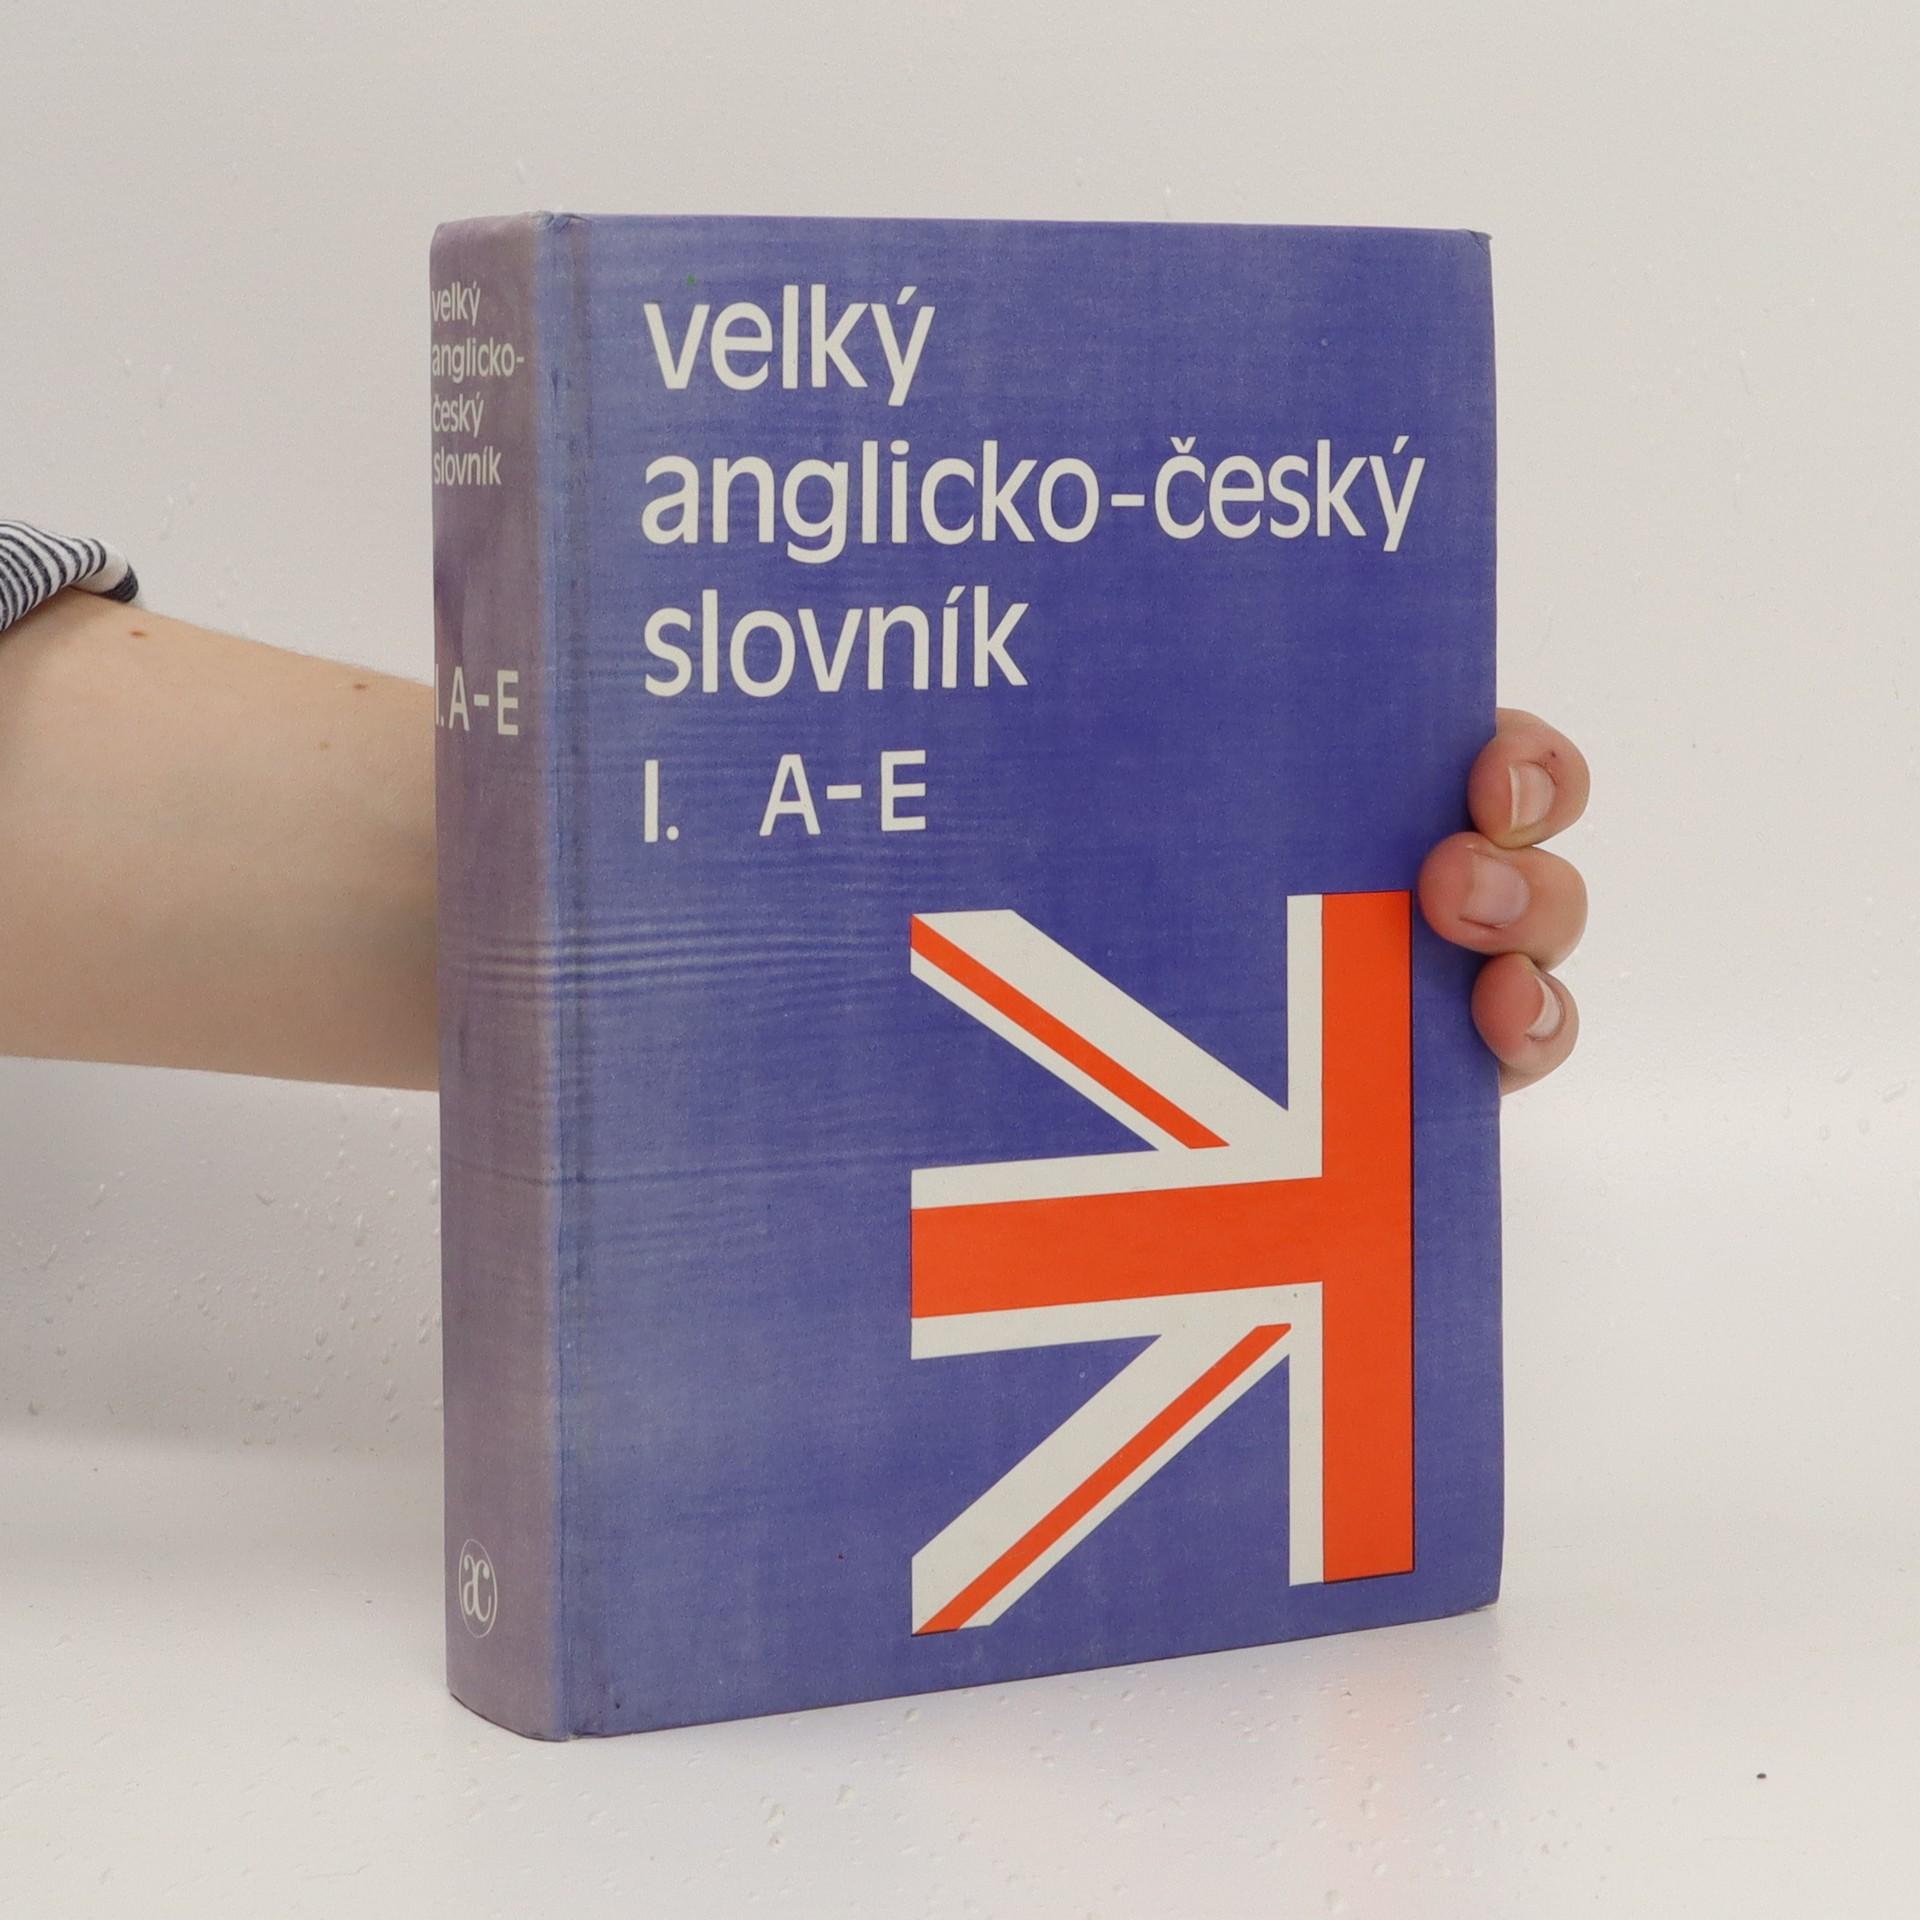 antikvární kniha Velký anglicko-český slovník I., A-E, 1991